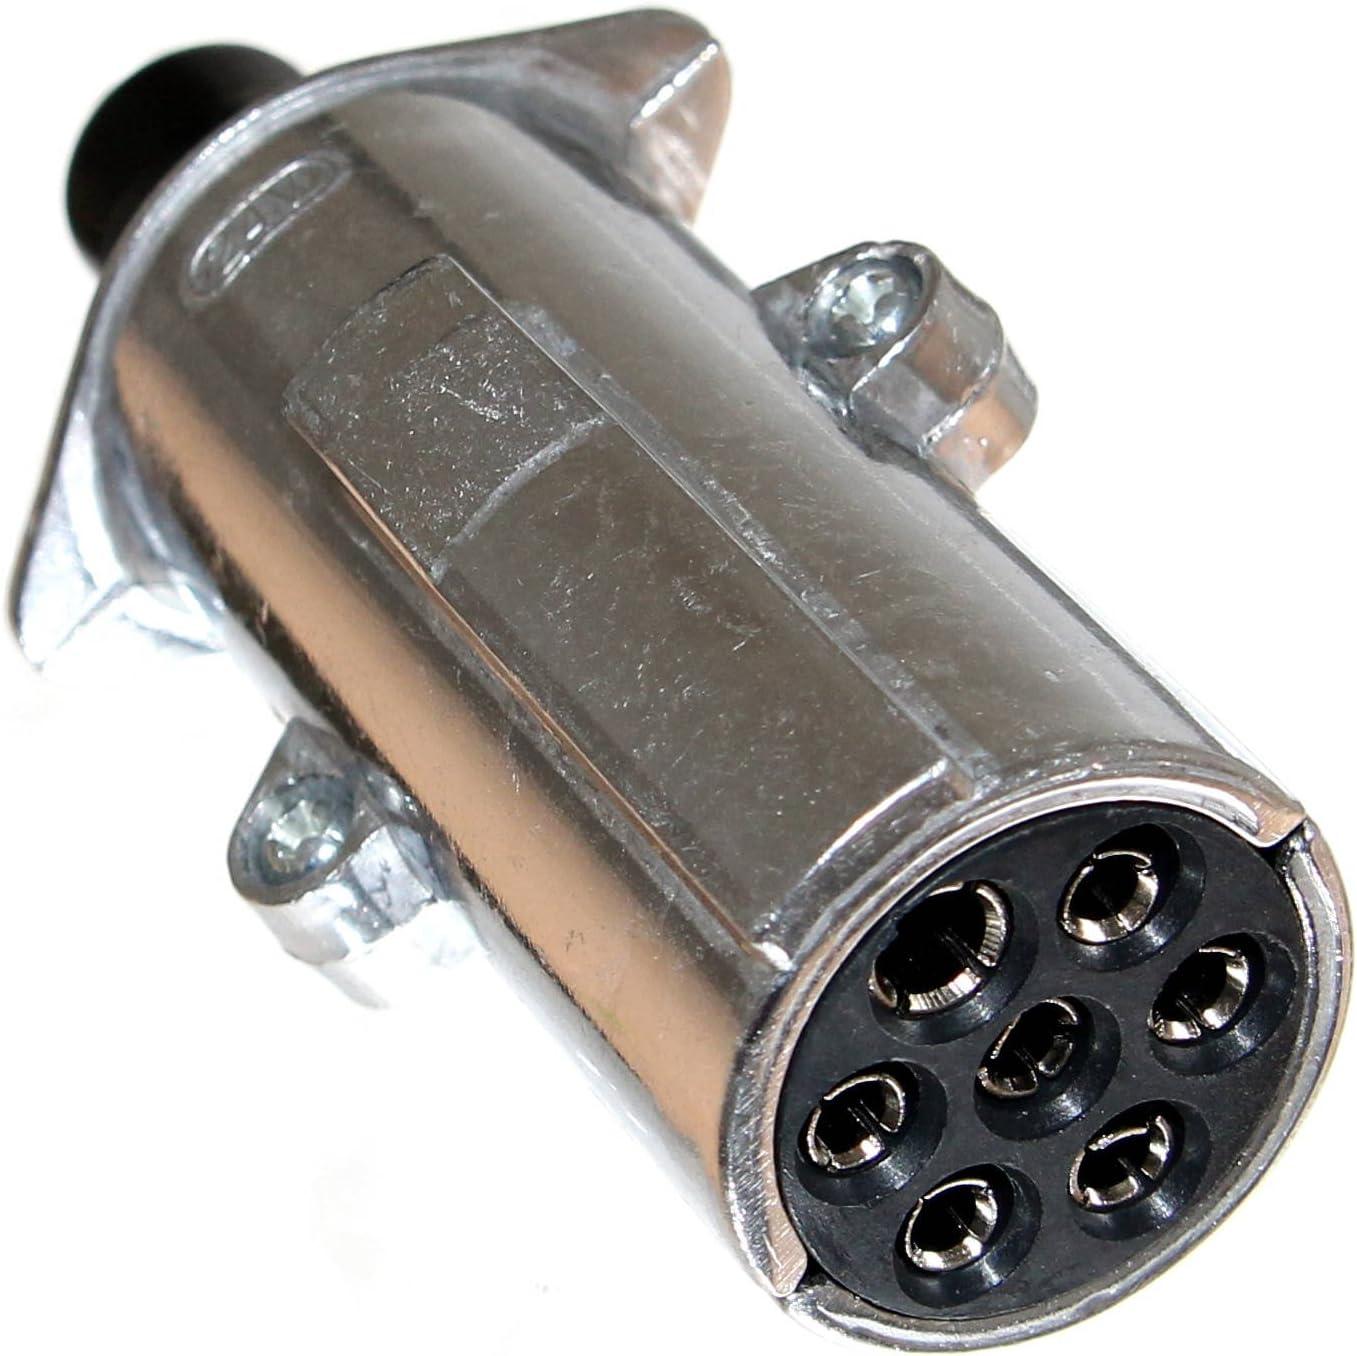 Elektrowendel 15 polig 24 V; Spiralkabel Elektrokabel LKW NFZ Anhänger